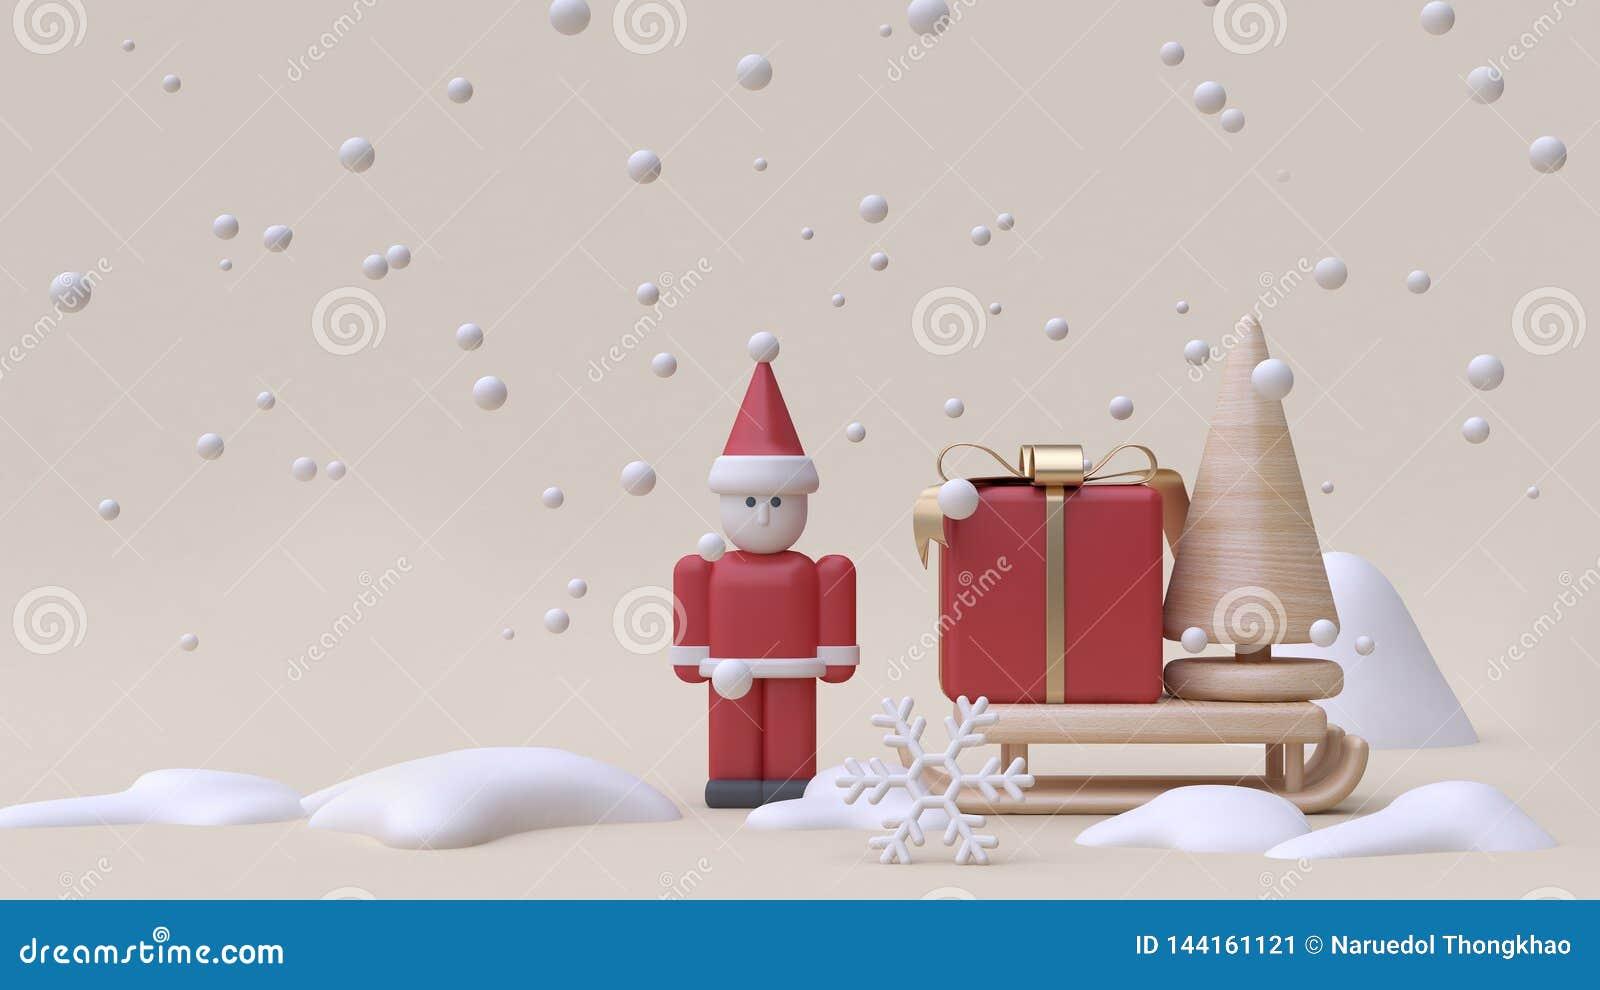 конспект Санта Клаус и предпосылка 3d сливк деревянной игрушки стиля мультфильма концепции Нового Года снега зимы скелетона подар